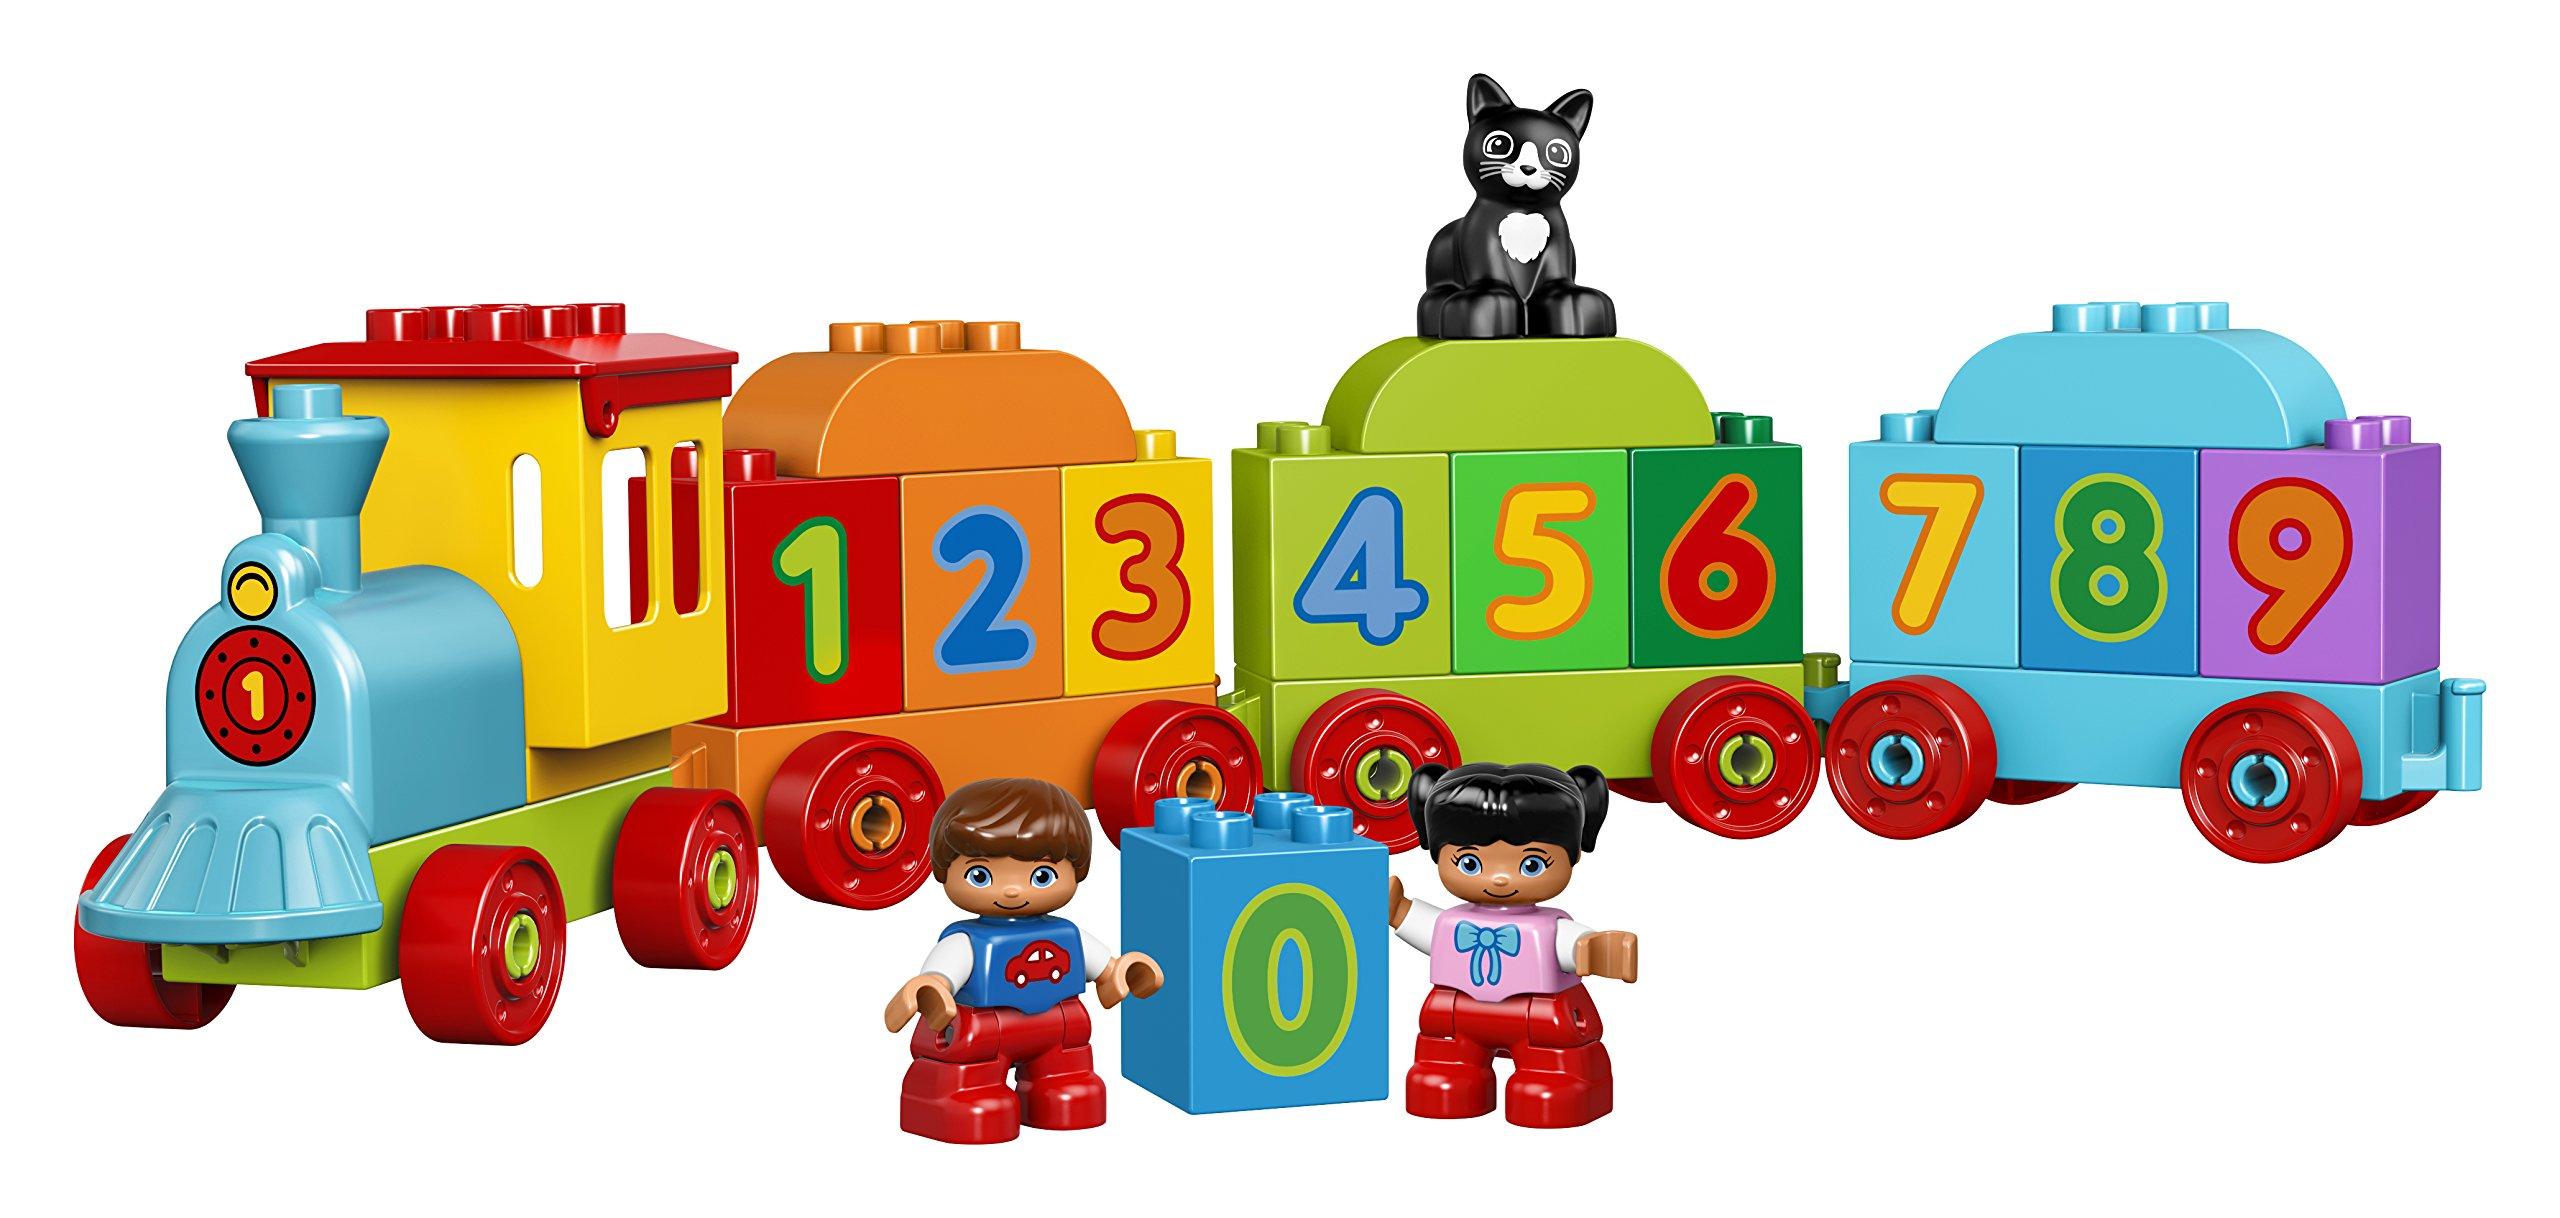 LEGO Duplo My First il Treno dei Numeri, per Iniziare a Contare Divertendosi con Questo Colorato Treno ed il Simpatico… 3 spesavip